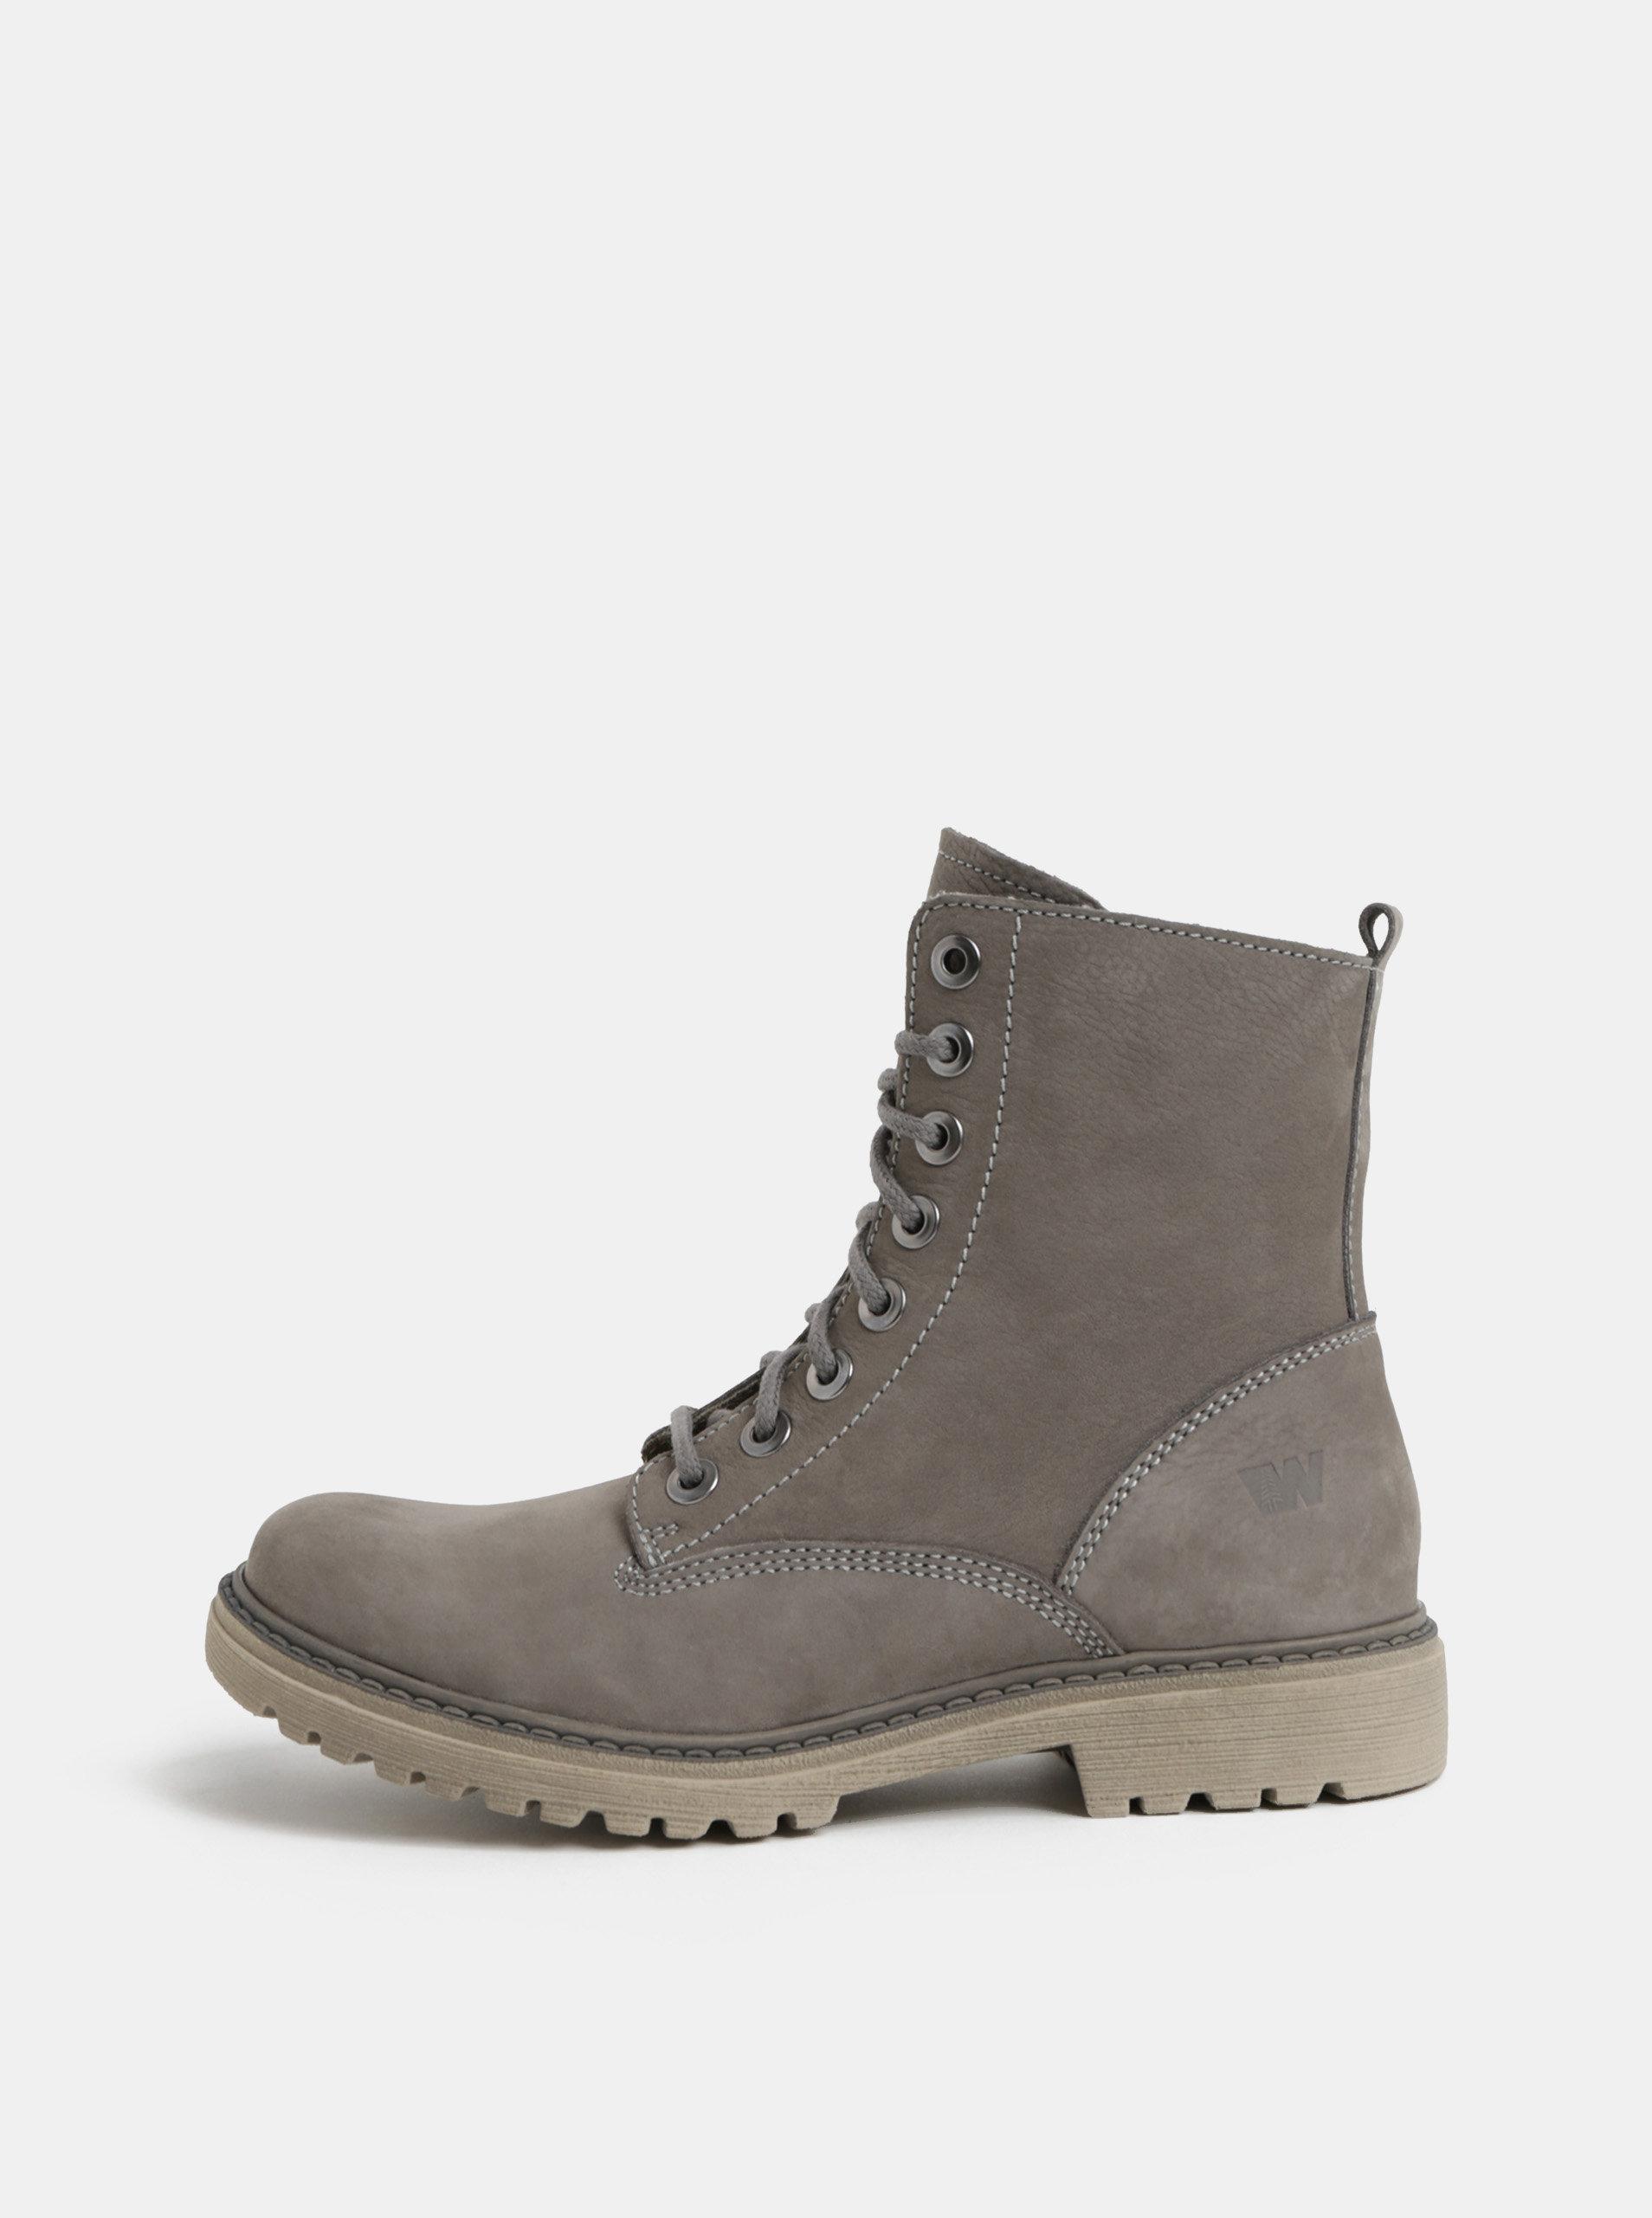 Šedé dámské kožené kotníkové boty Weinbrenner ... 8a55148c24